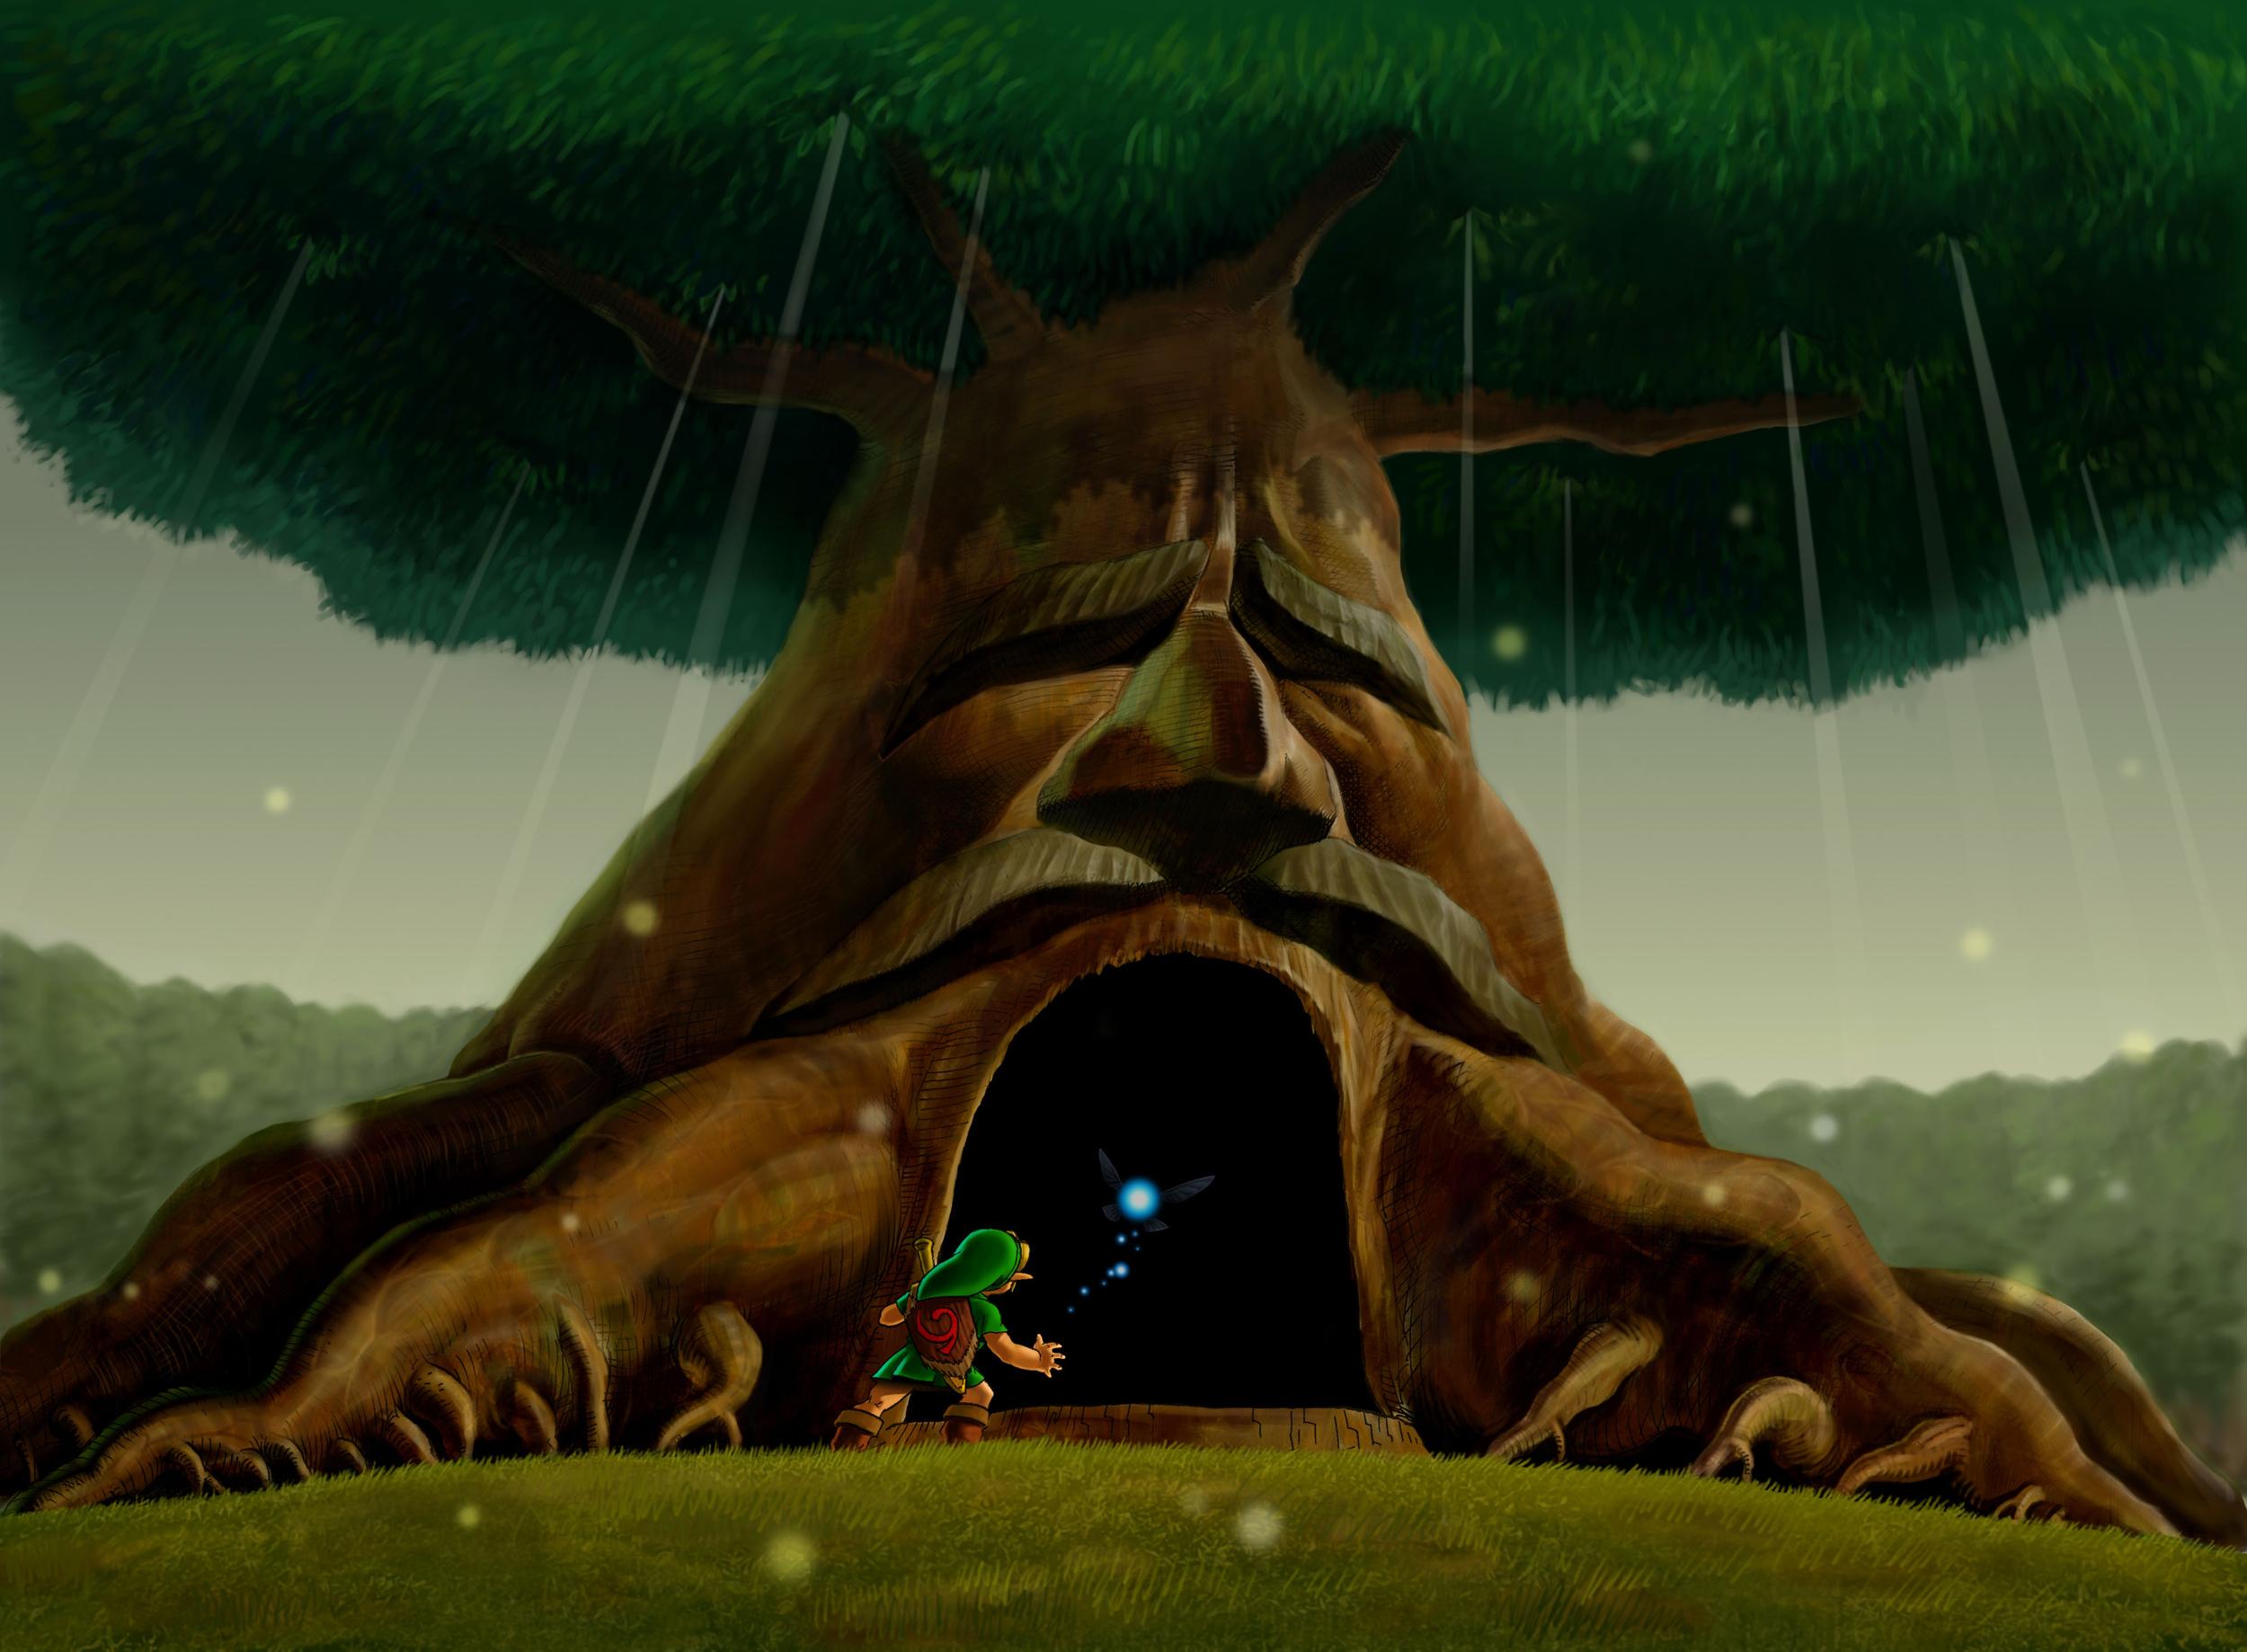 Inside the Deku Tree | Zeldapedia | FANDOM powered by Wikia